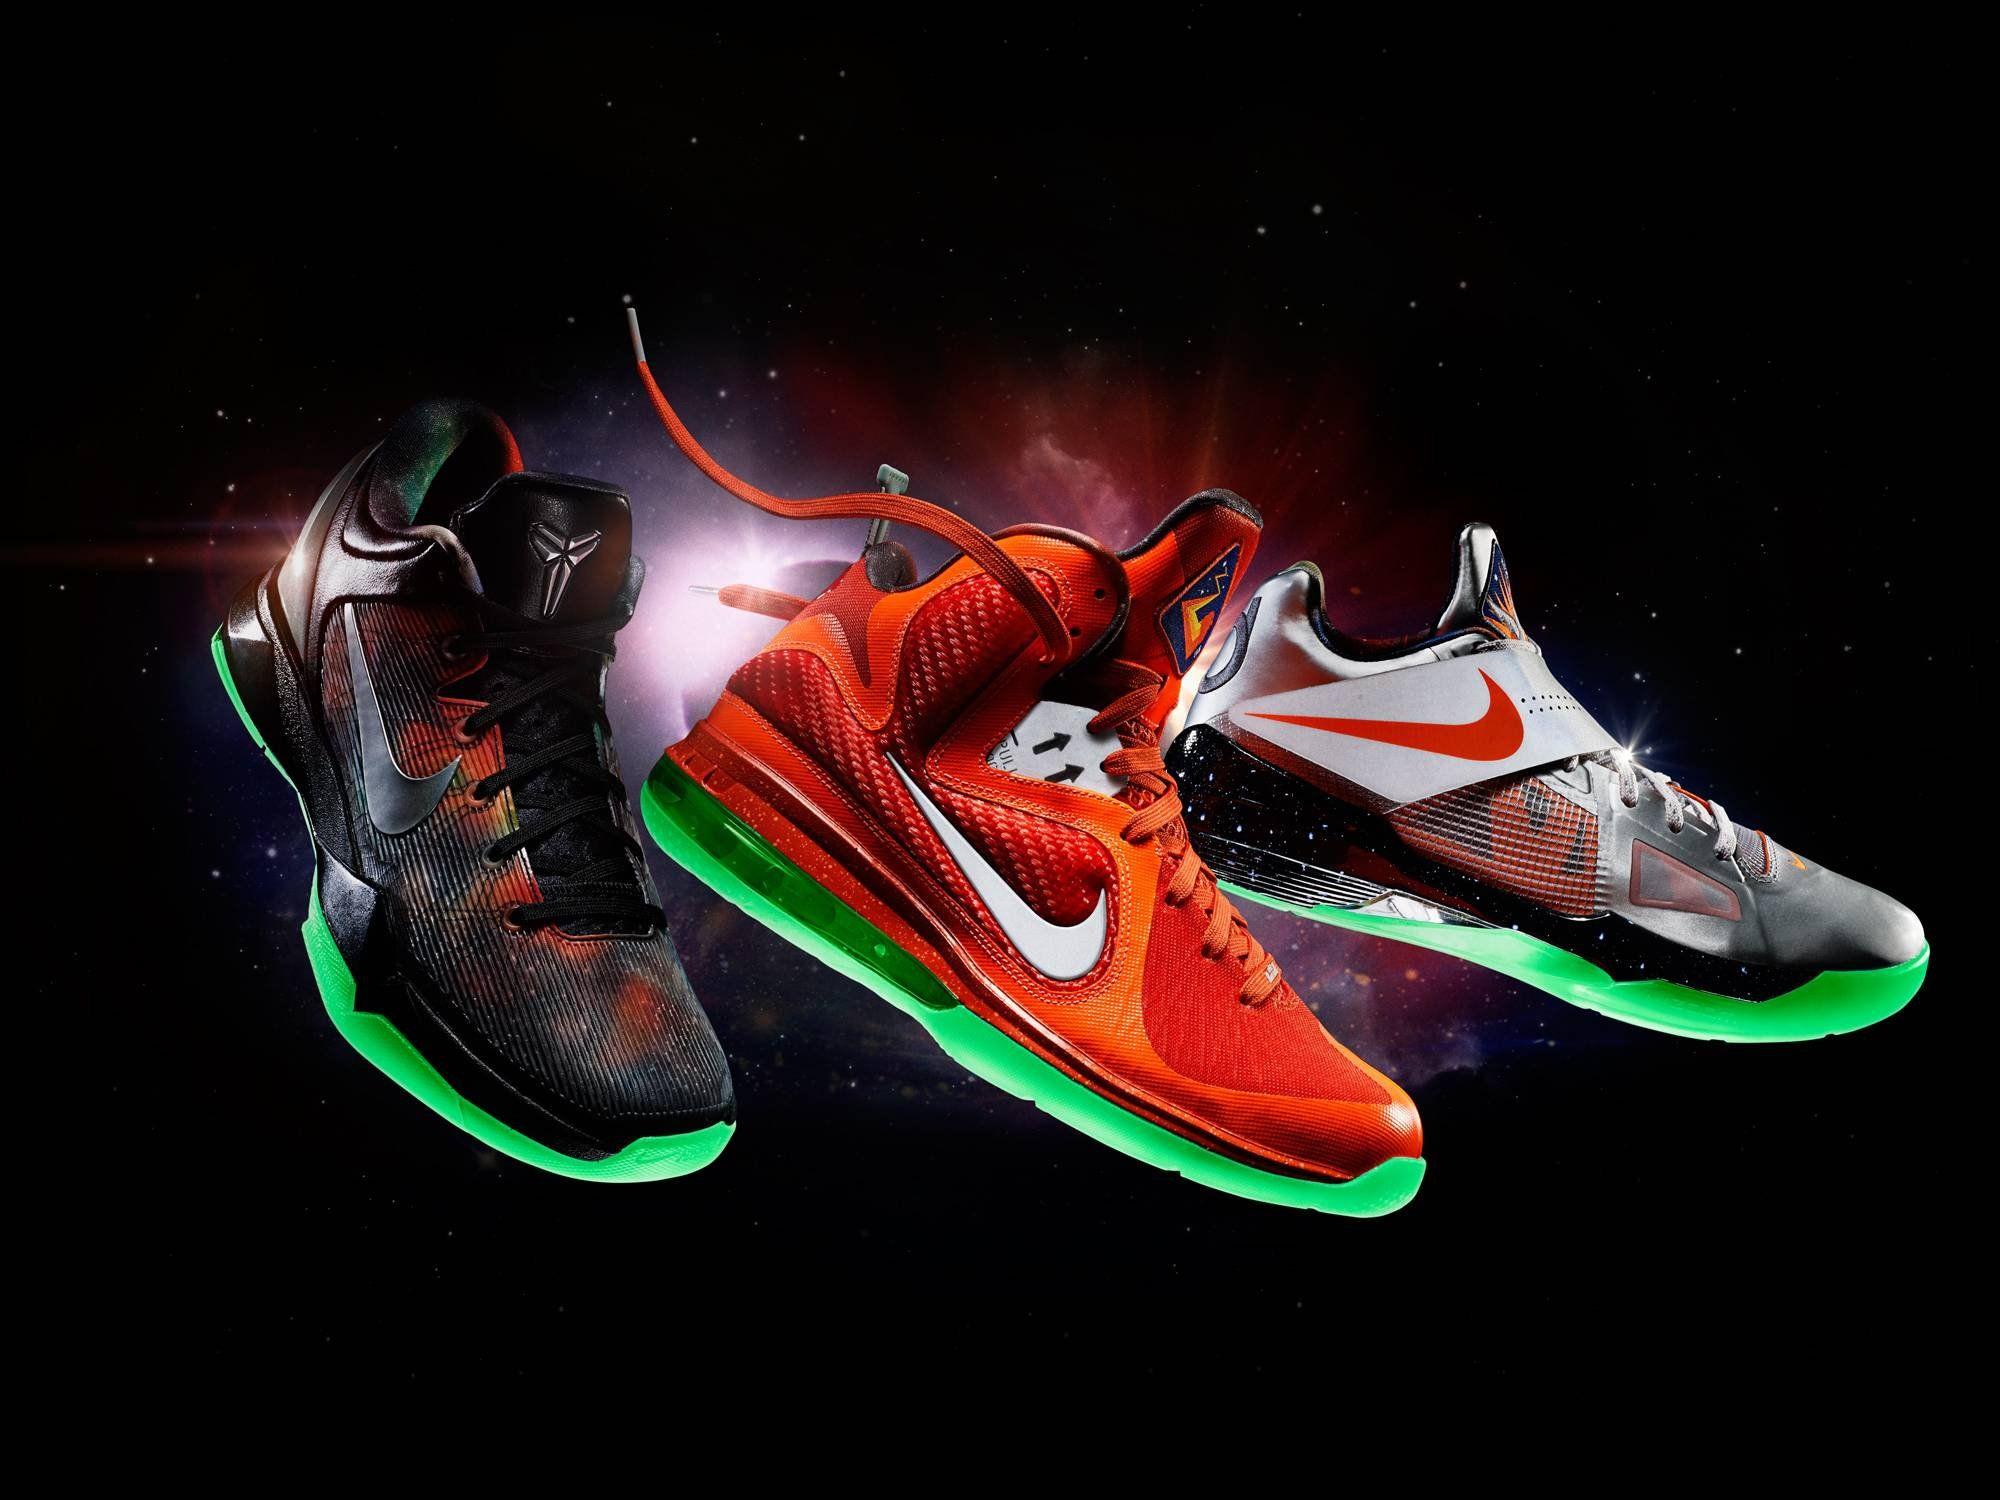 Gambar terkait Jordan 11, Nike, Adidas